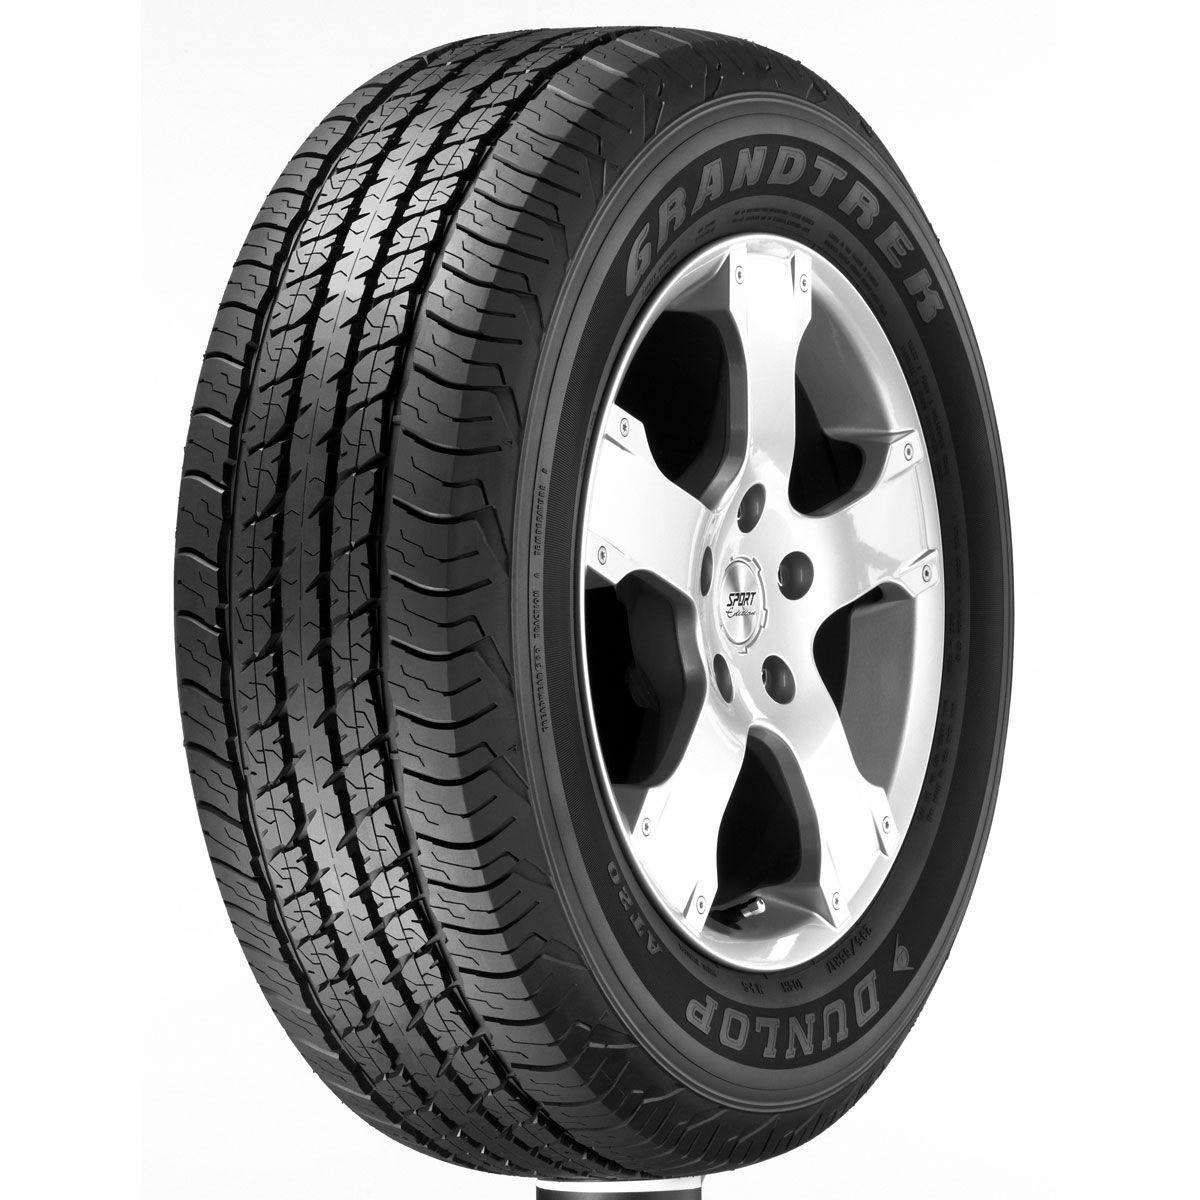 Pneu Dunlop 265/65 R17 112S AT25 4GMV